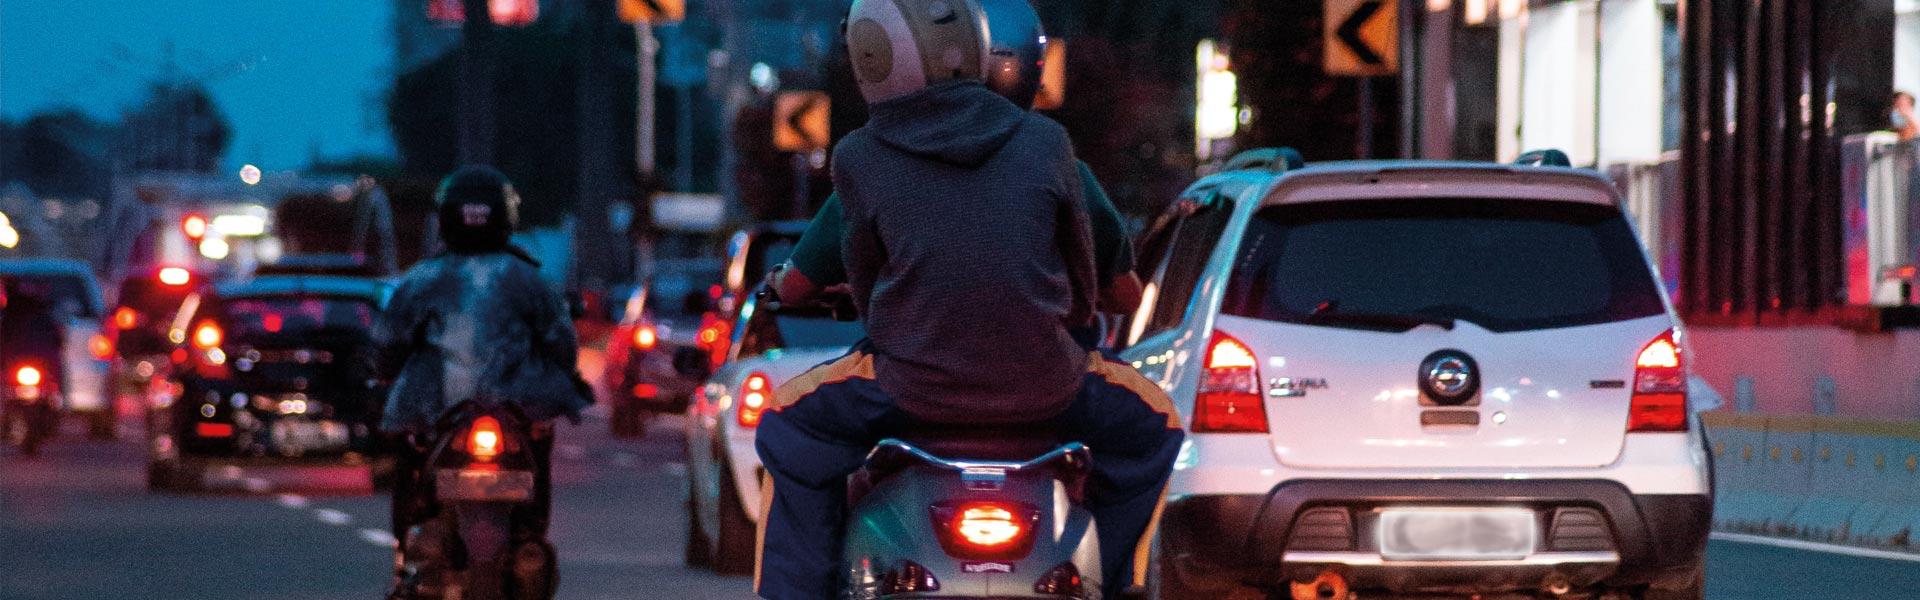 Interdiction de circuler entre les files de voitures, les motards manifestent